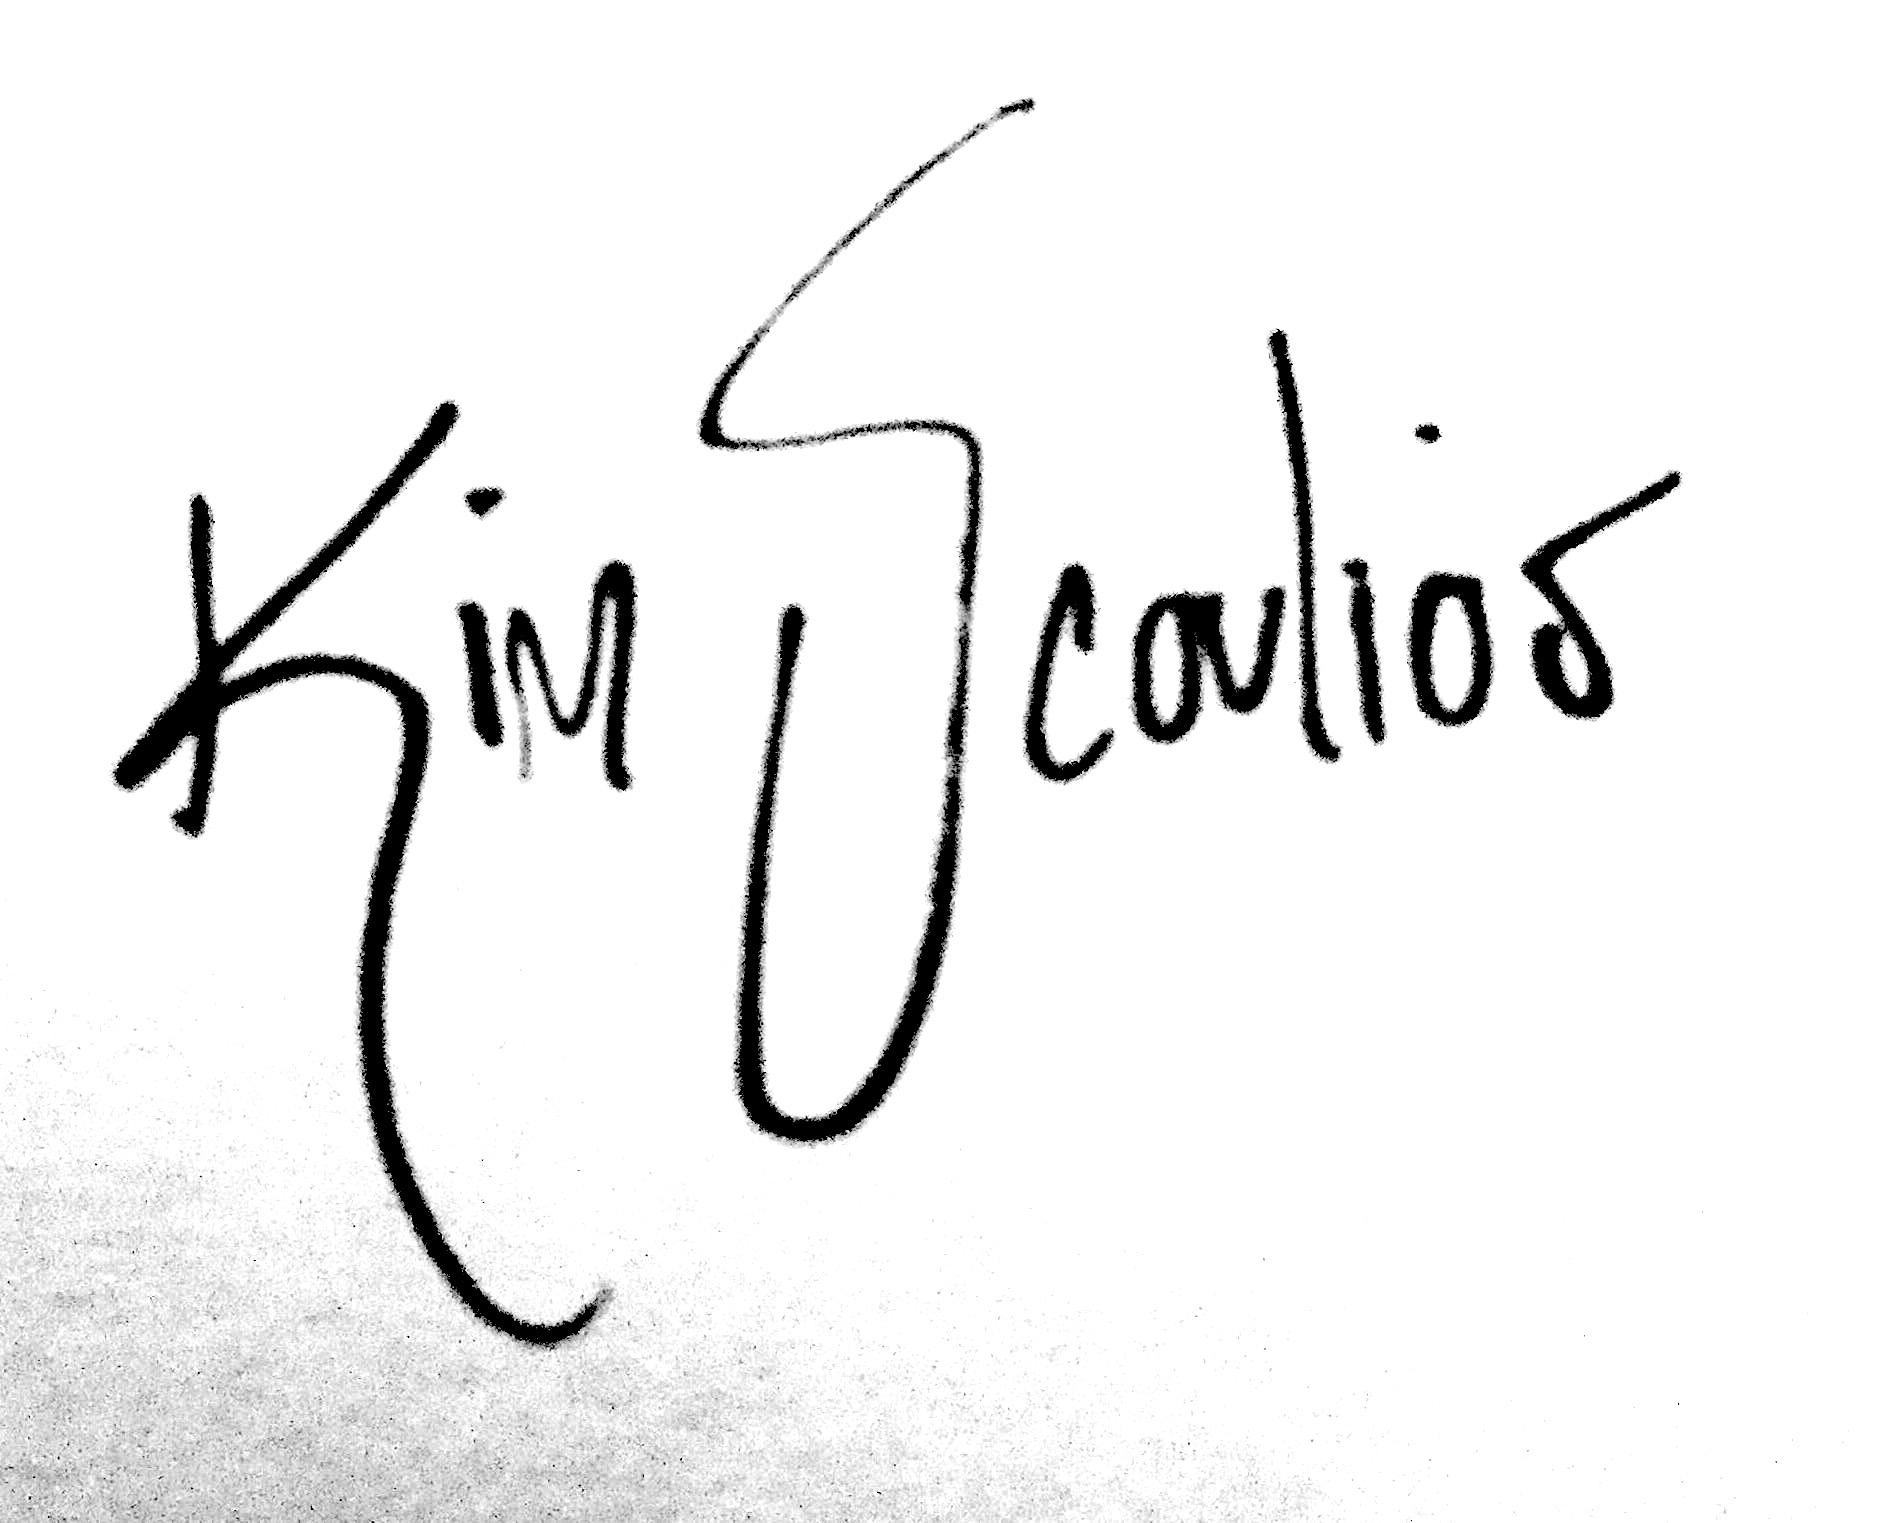 Kim Scoulios's Signature